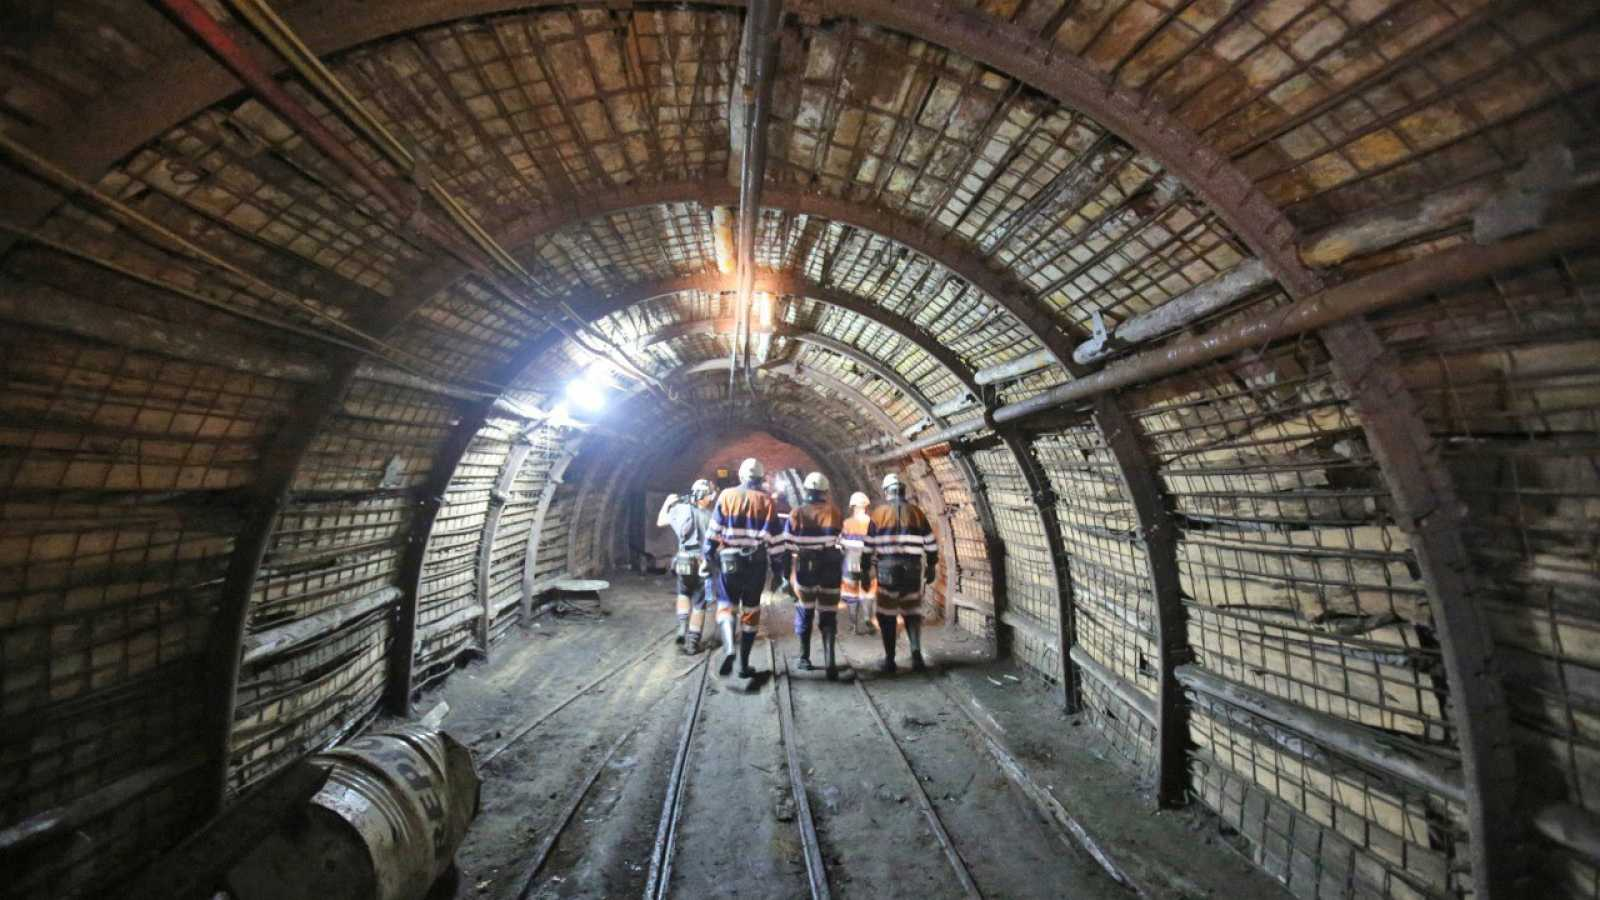 En clave Turismo - Turismo minero. Bajamos al pozo Sotón en Asturias - 29/09/20 - escuchar ahora